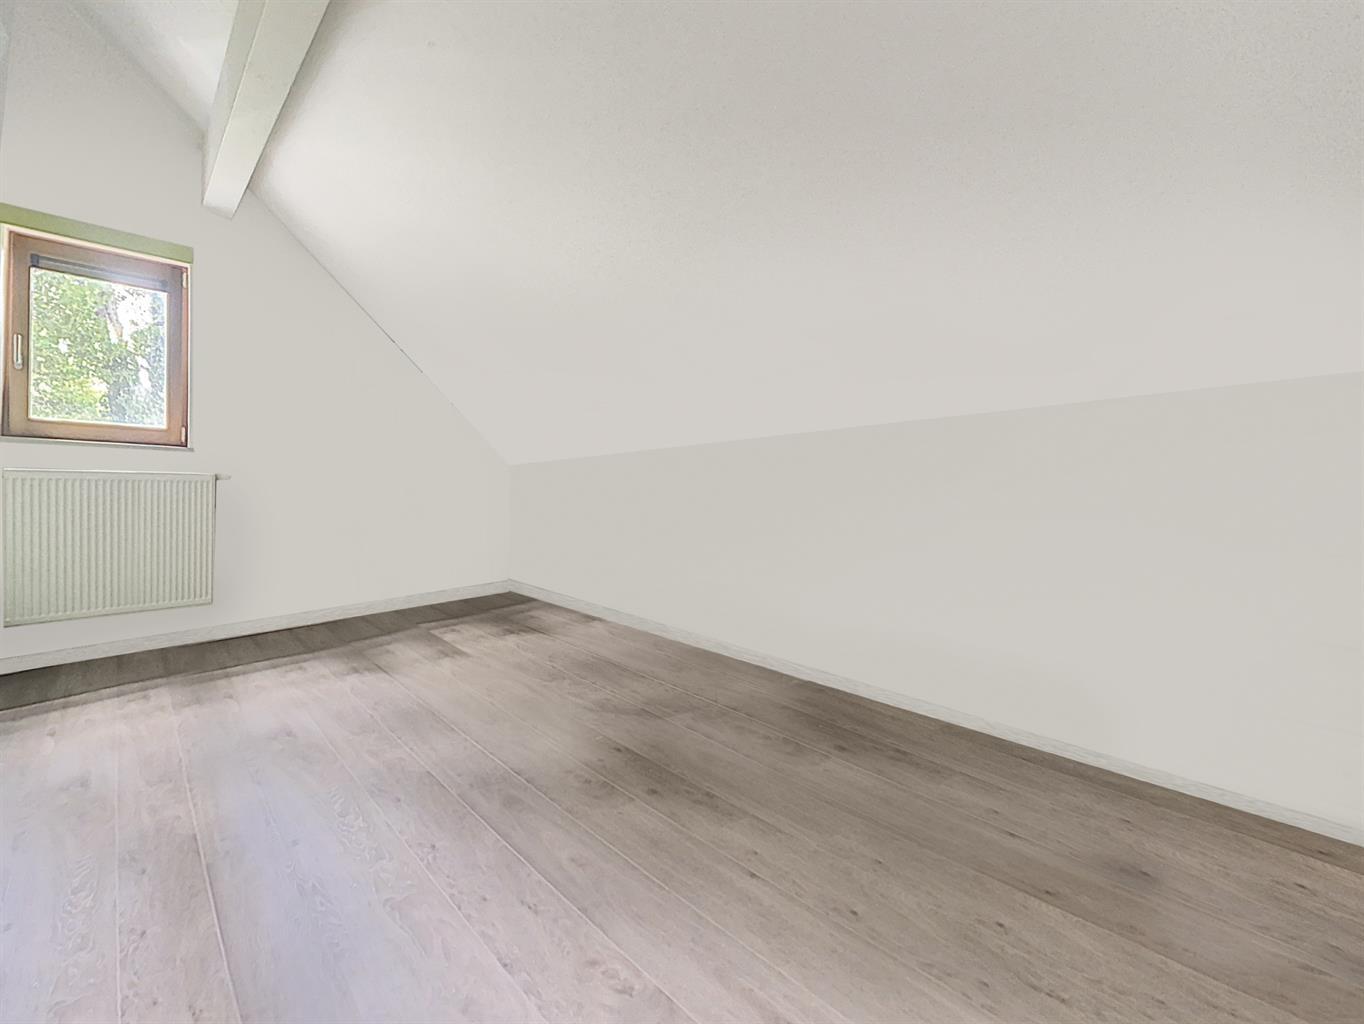 Maison - Soiron - #4422450-14